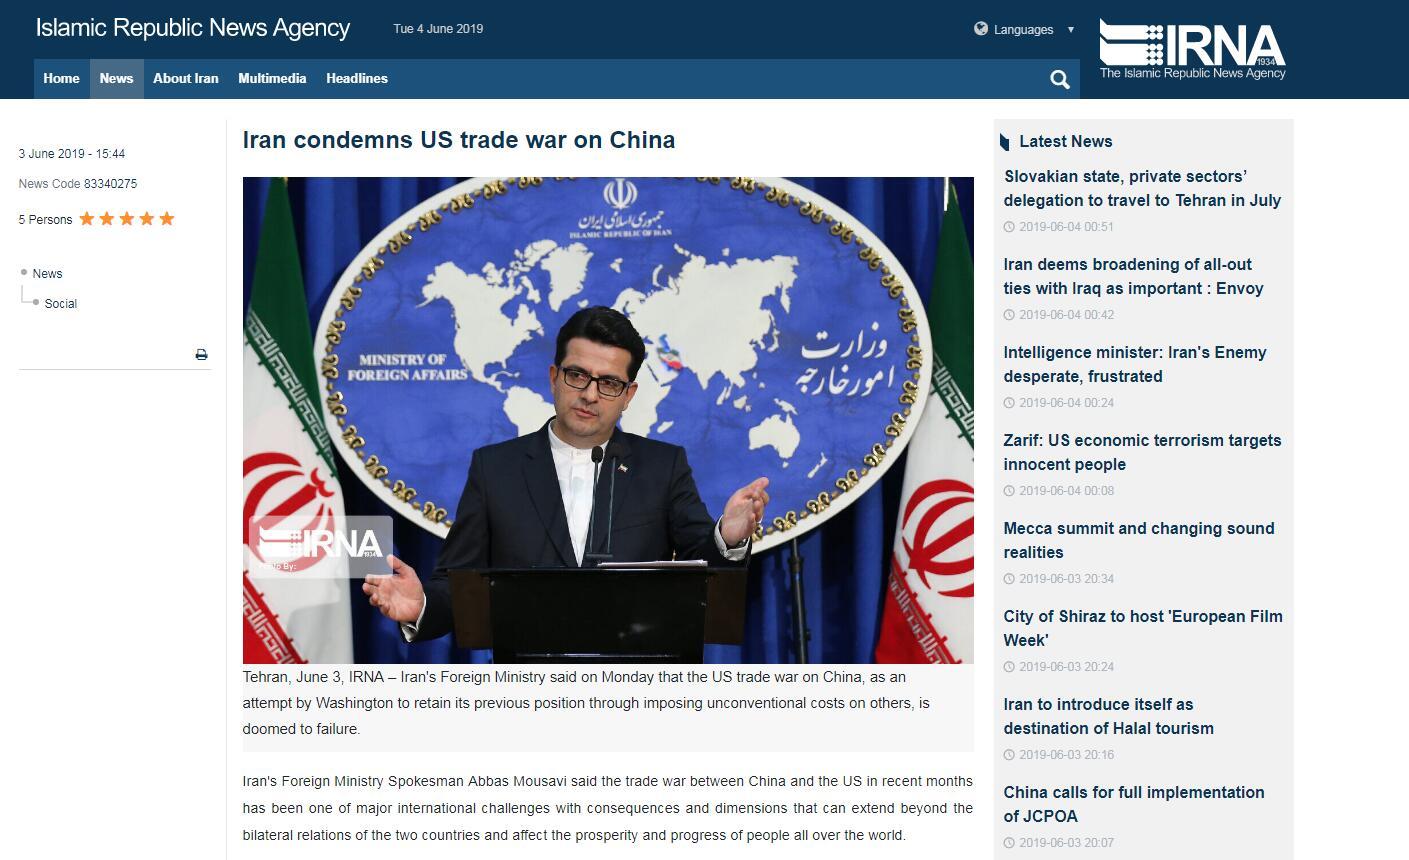 """伊朗谴责美国对华贸易战:是""""经济恐怖主义""""!"""